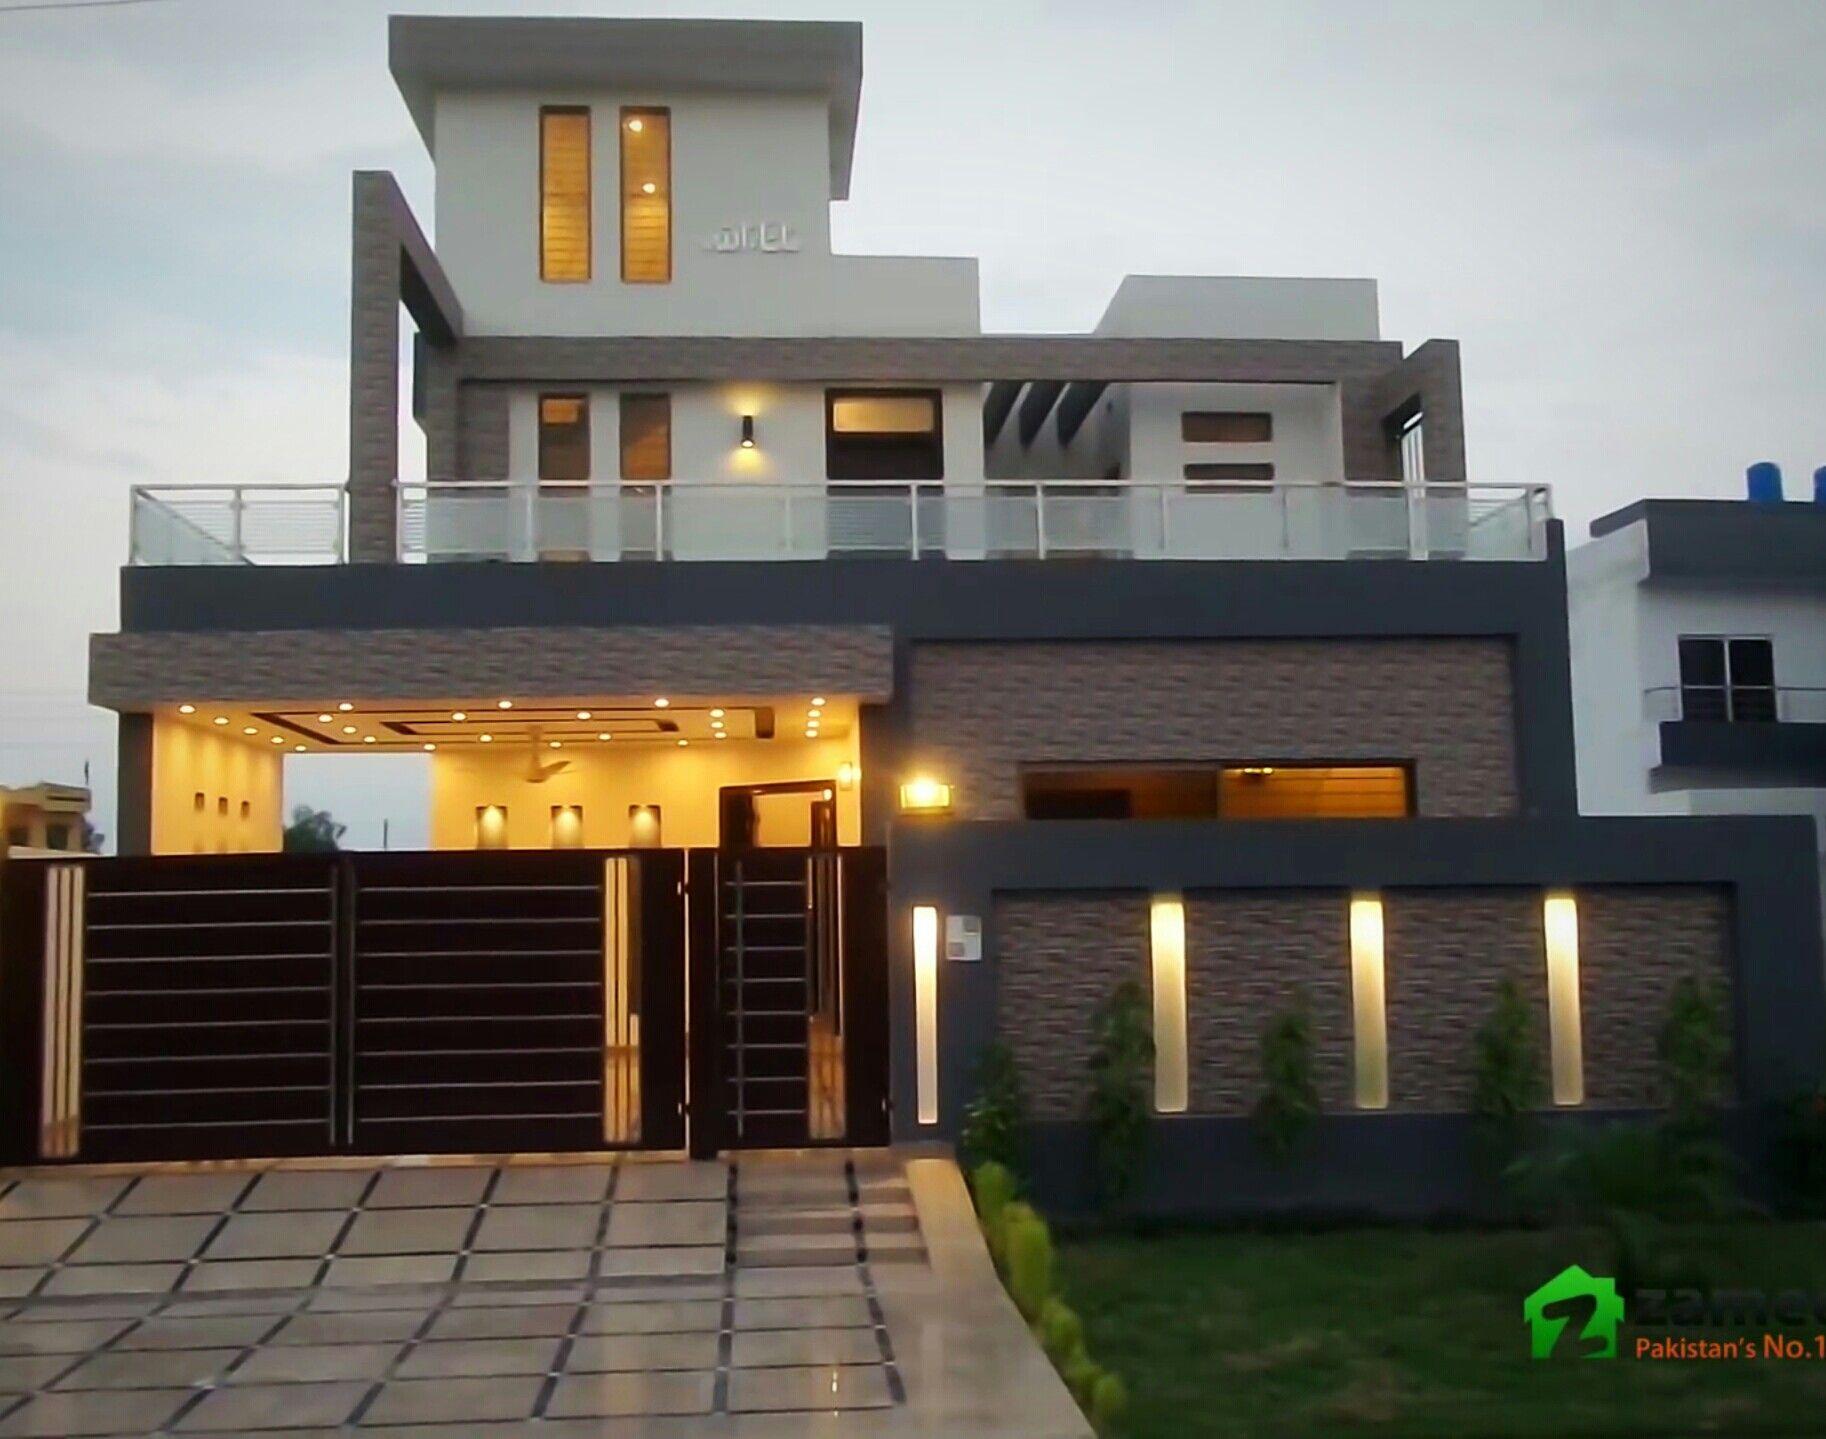 Boundary wall design  House gate design, Exterior wall design